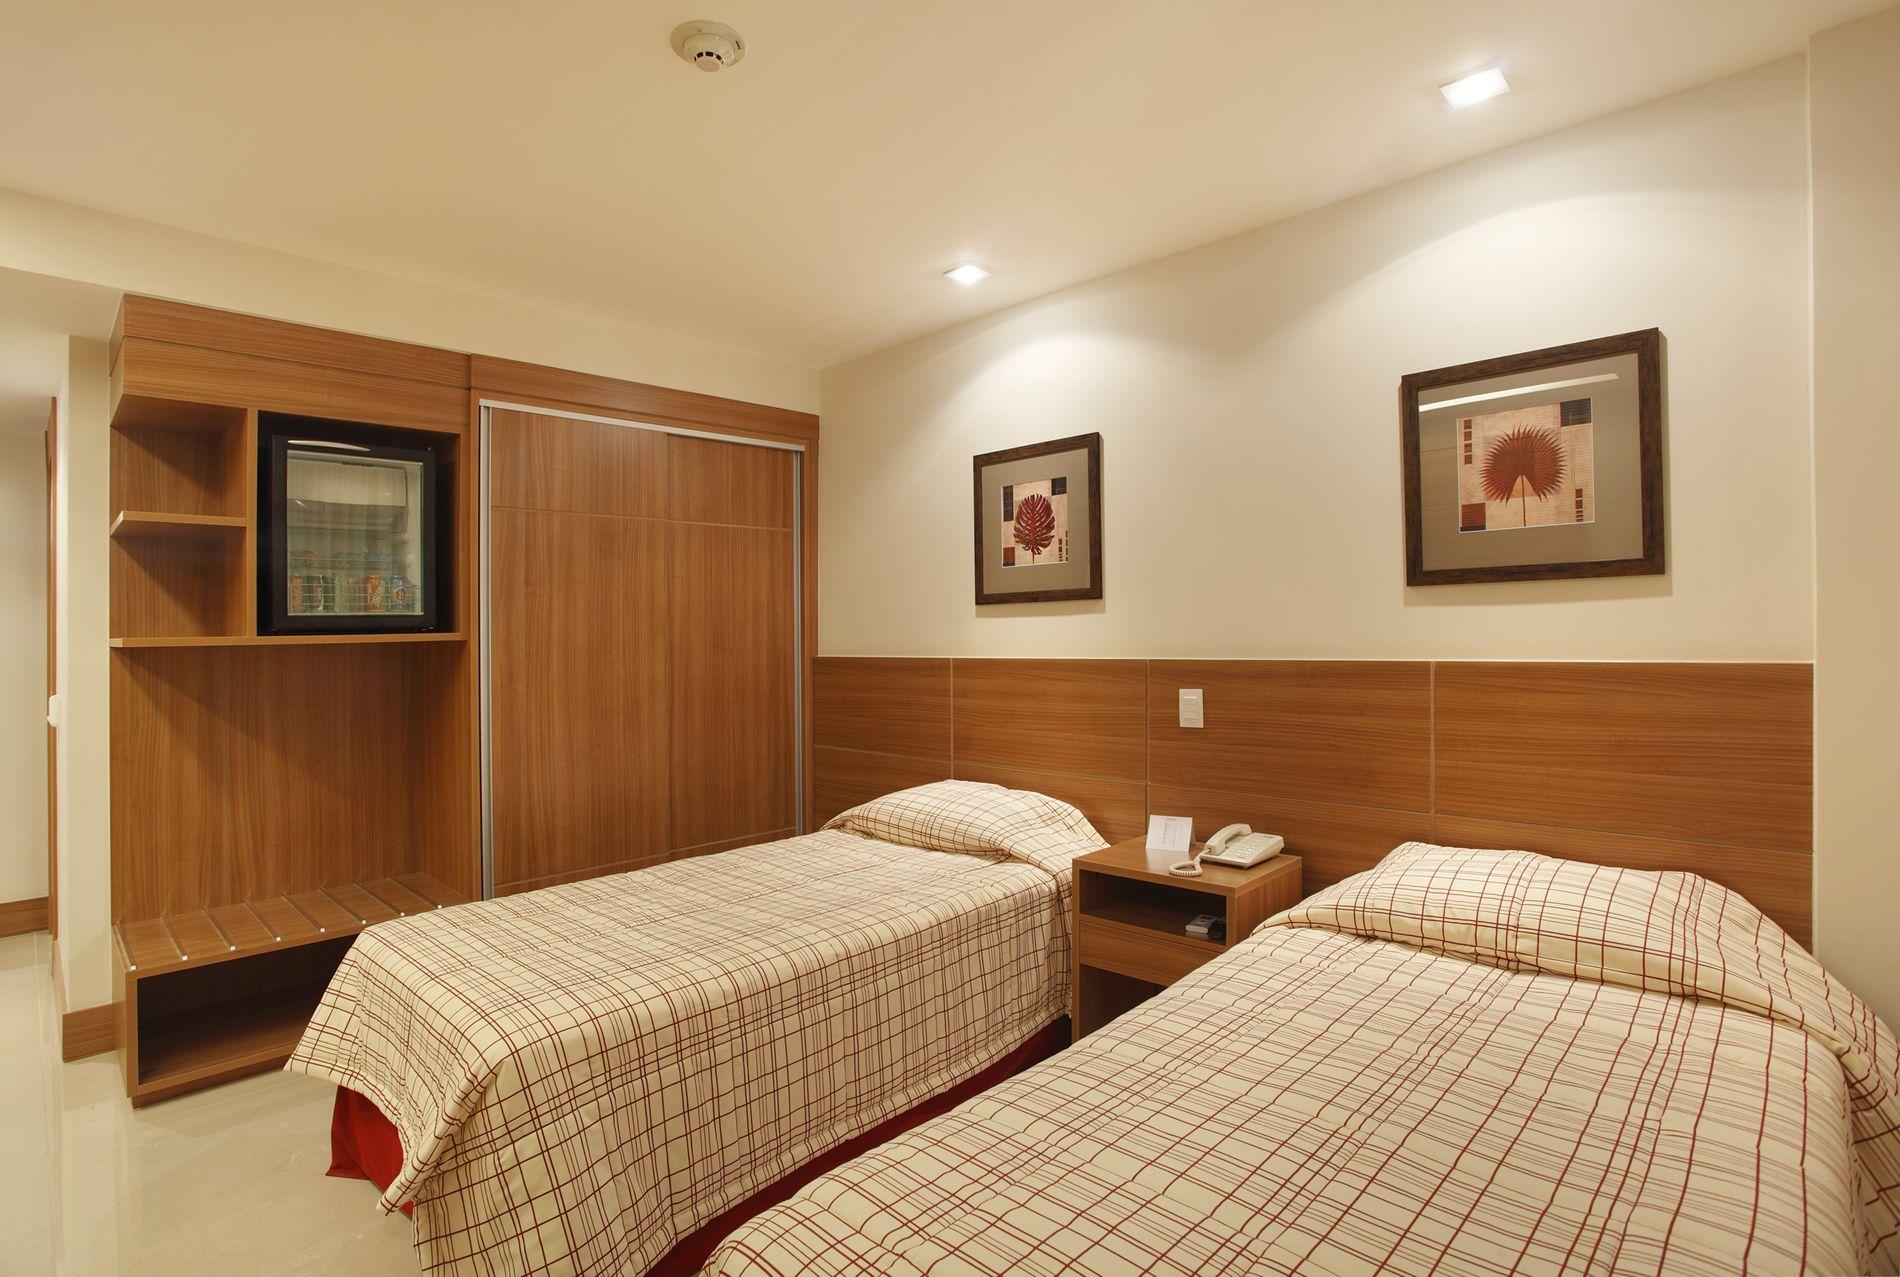 #7D441C Decoração de Interiores Projeto de Hotelaria Hotel Granada 1900x1277 px Projeto De Cozinha Industrial Hotel_4665 Imagens